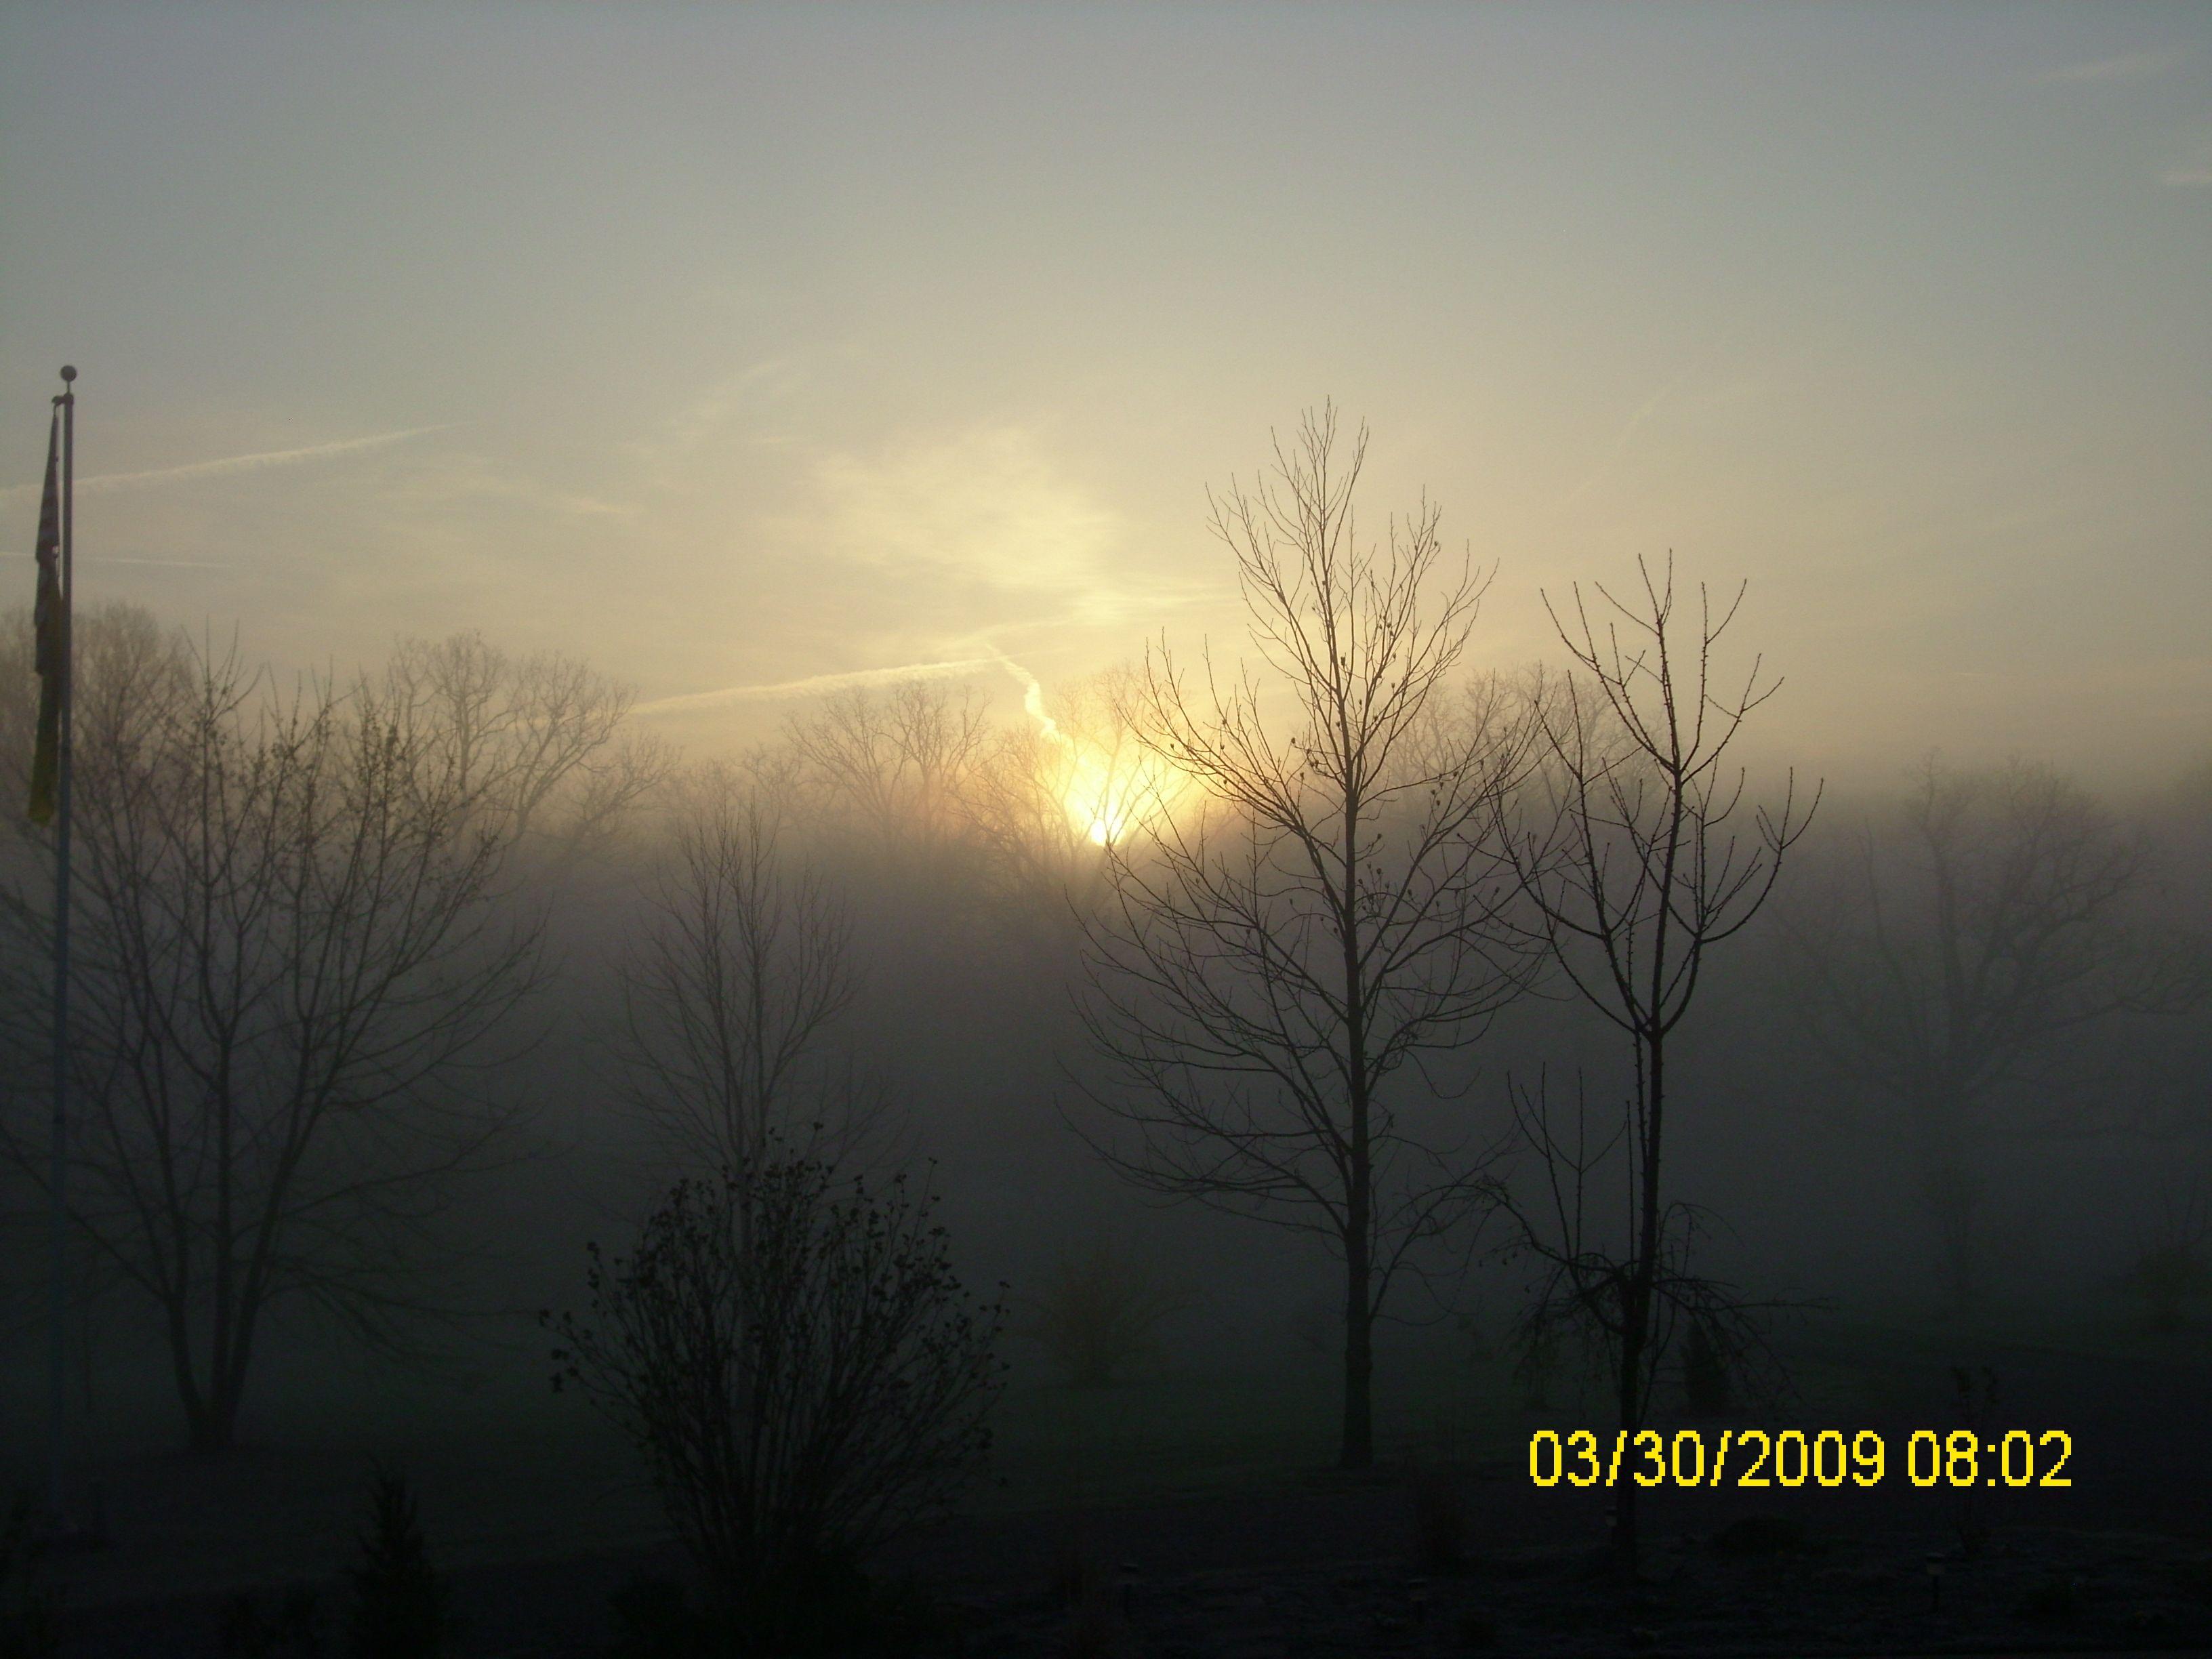 Foggy sunrise foggy sunrise photo